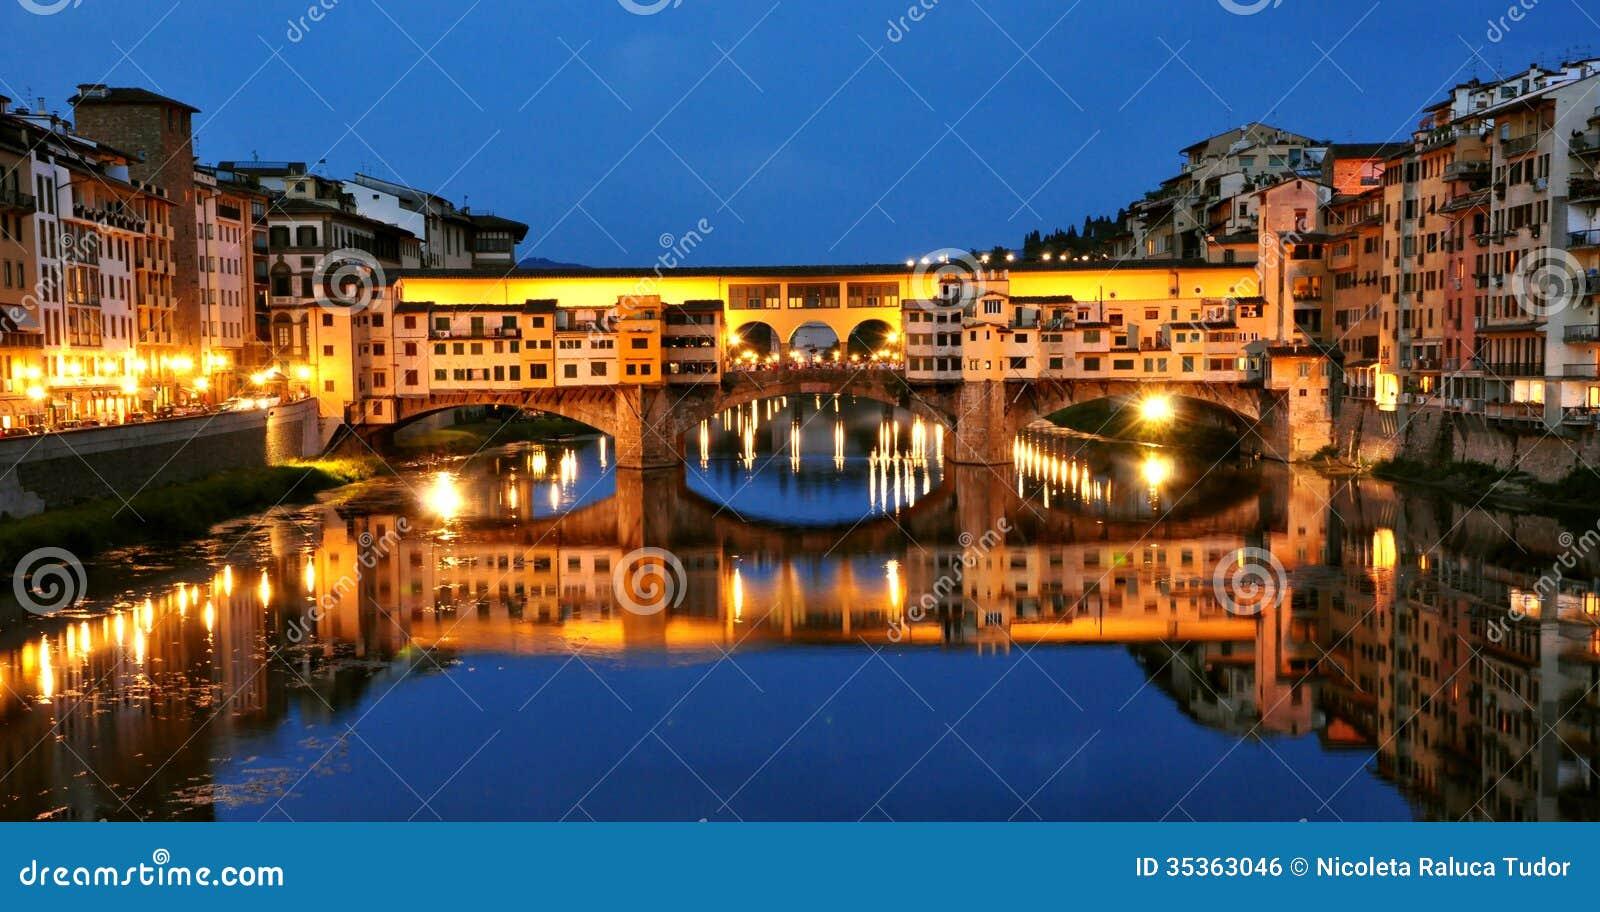 Luces por noche, Italia de la ciudad de Florencia